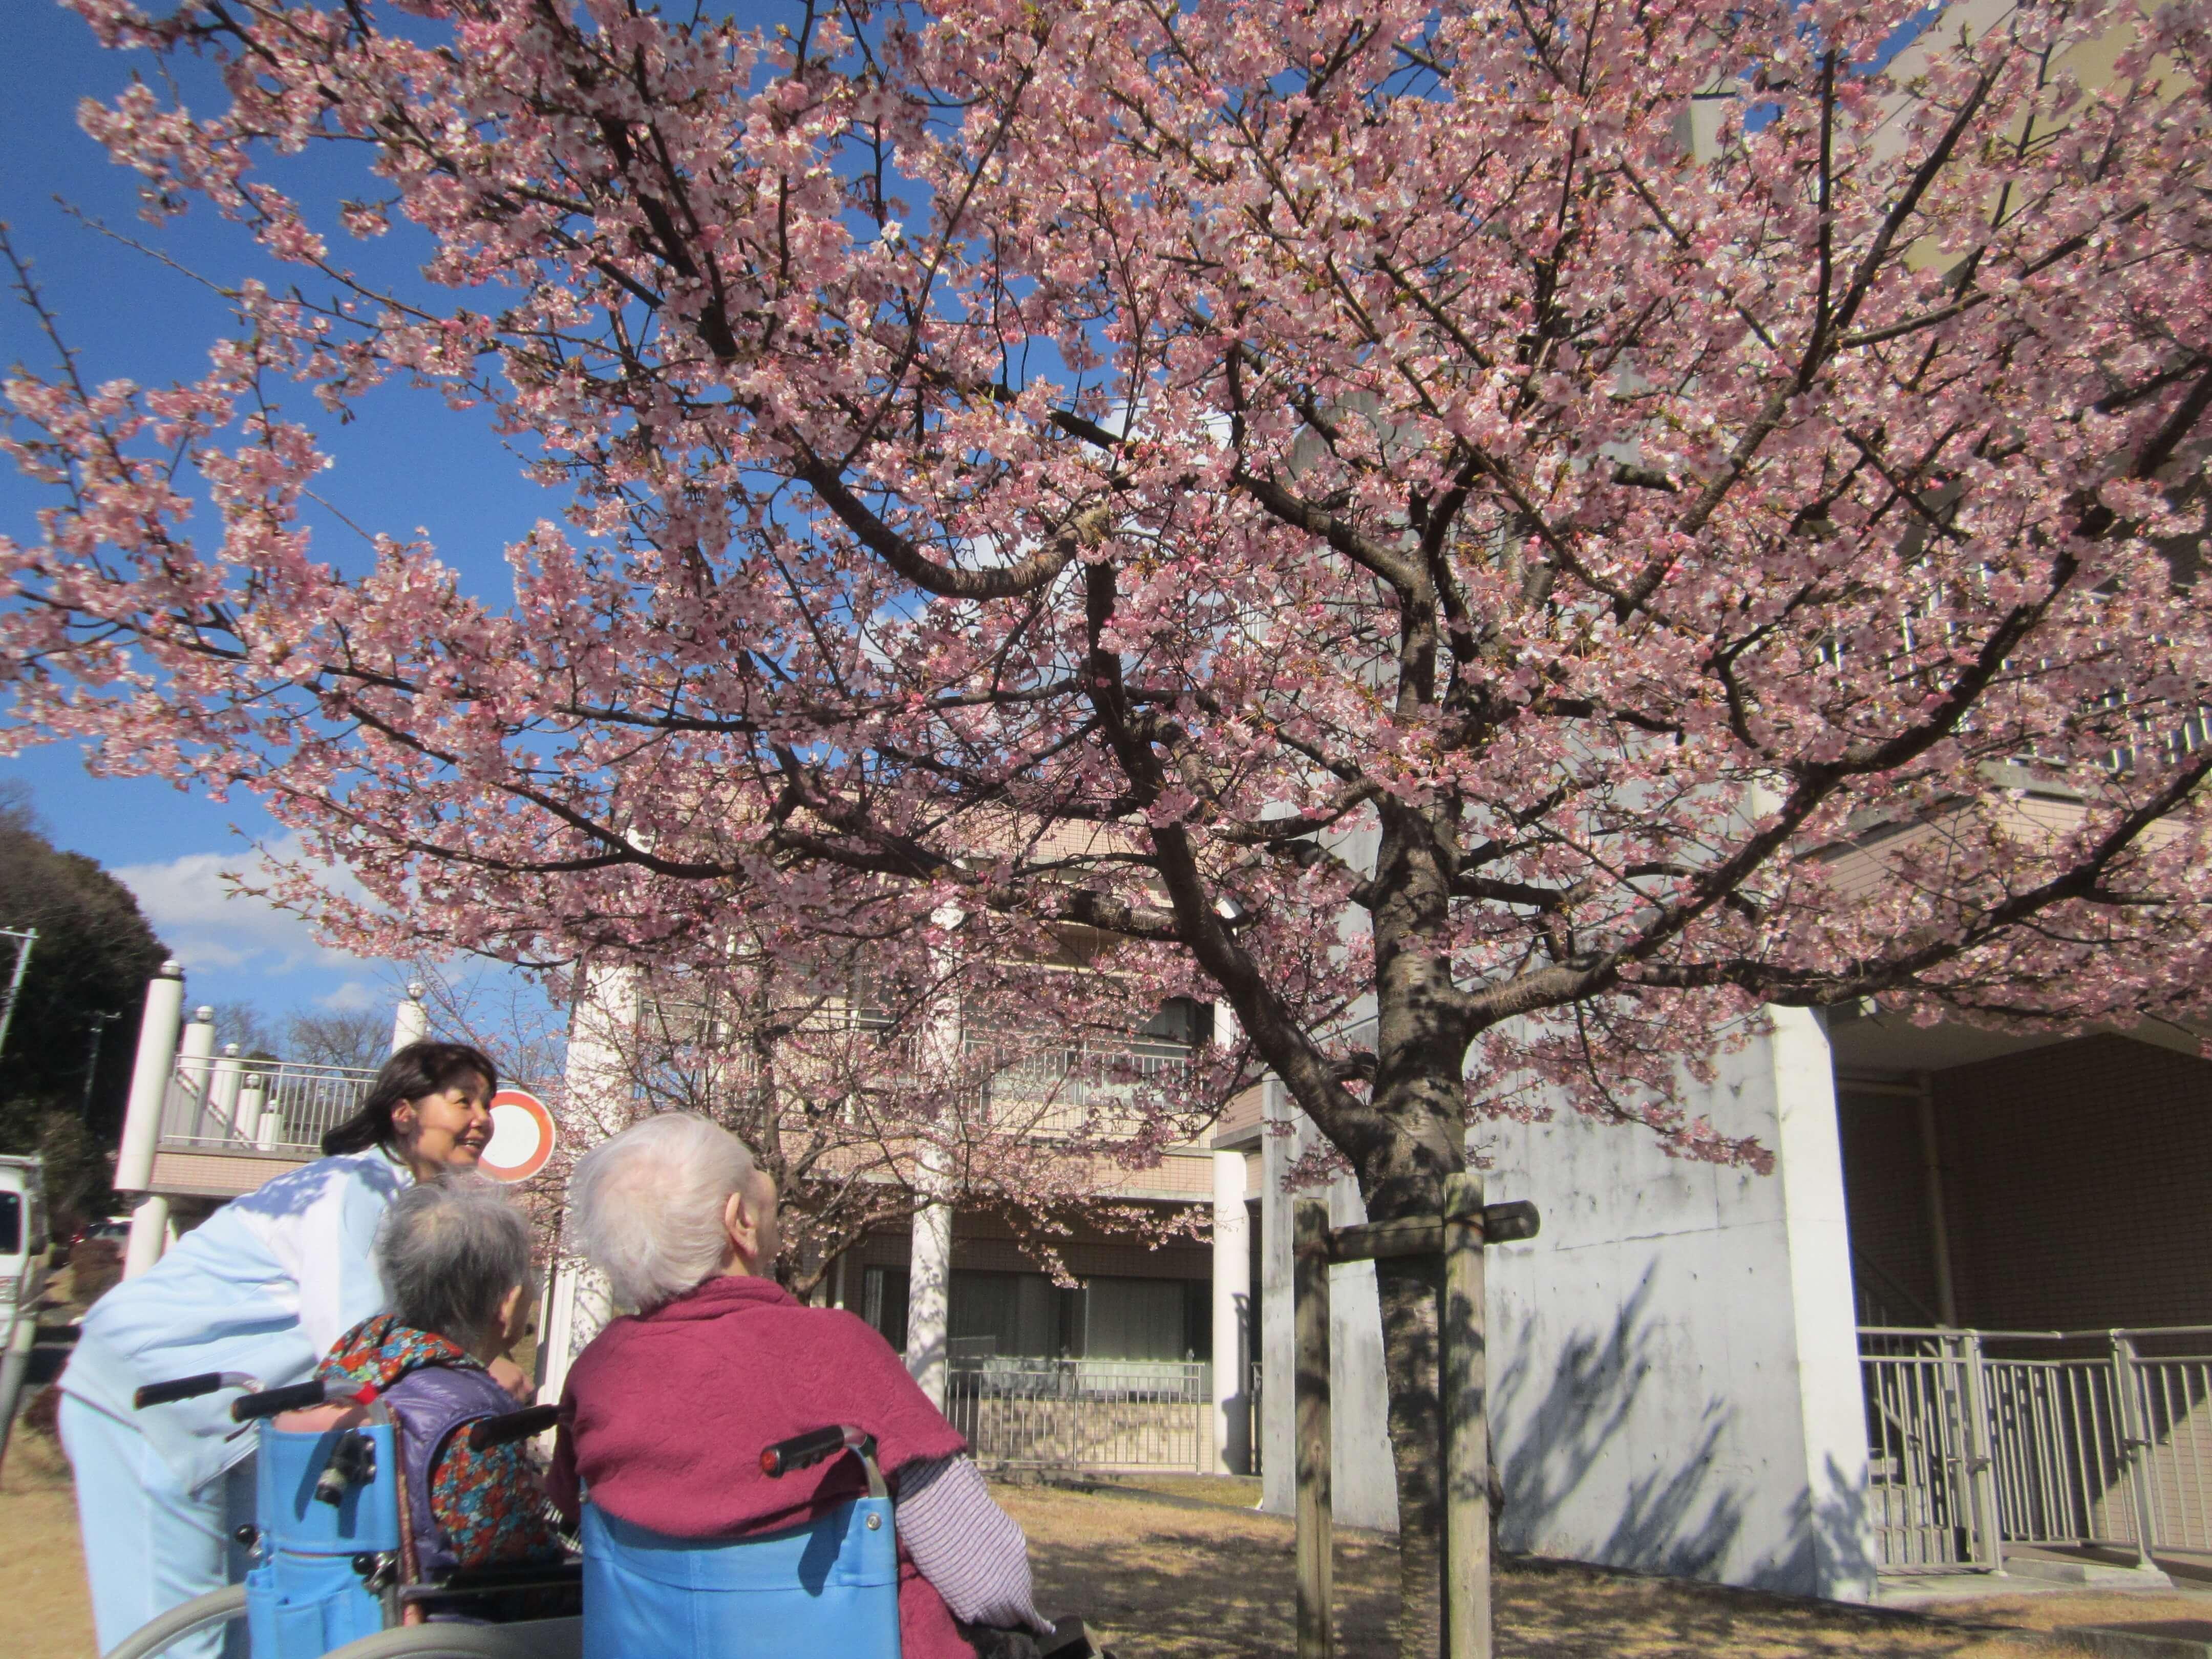 ポカポカと暖かい日にご入居者の皆さまとピンク色に咲き誇る桜を見て、ご入居者の笑顔も満開でした!私たちスタッフも皆さまの笑顔で心も温かくなりました。